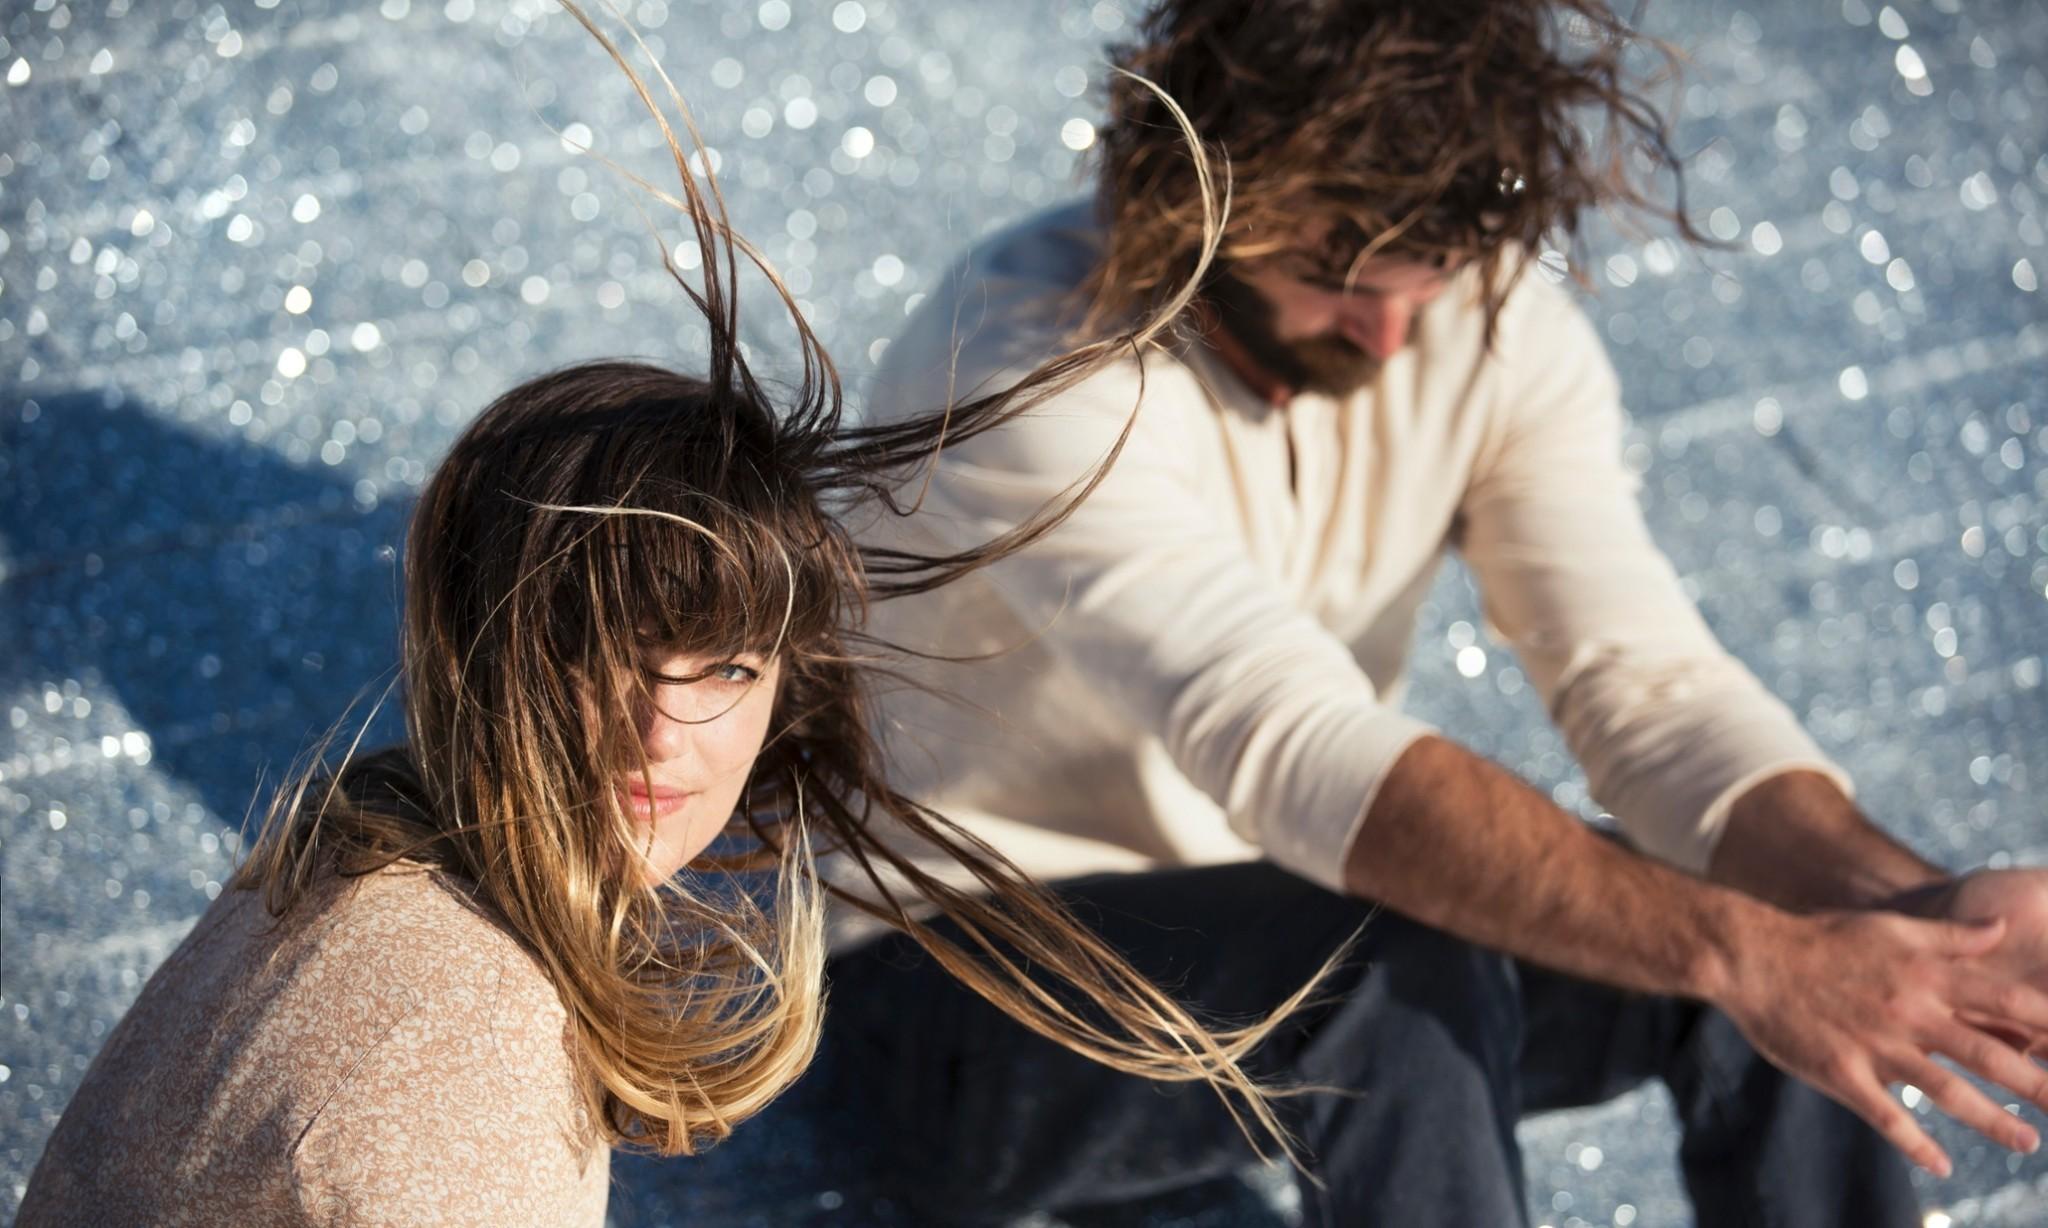 Angus & Julia Stone album review – not so gosh-darn precious any more